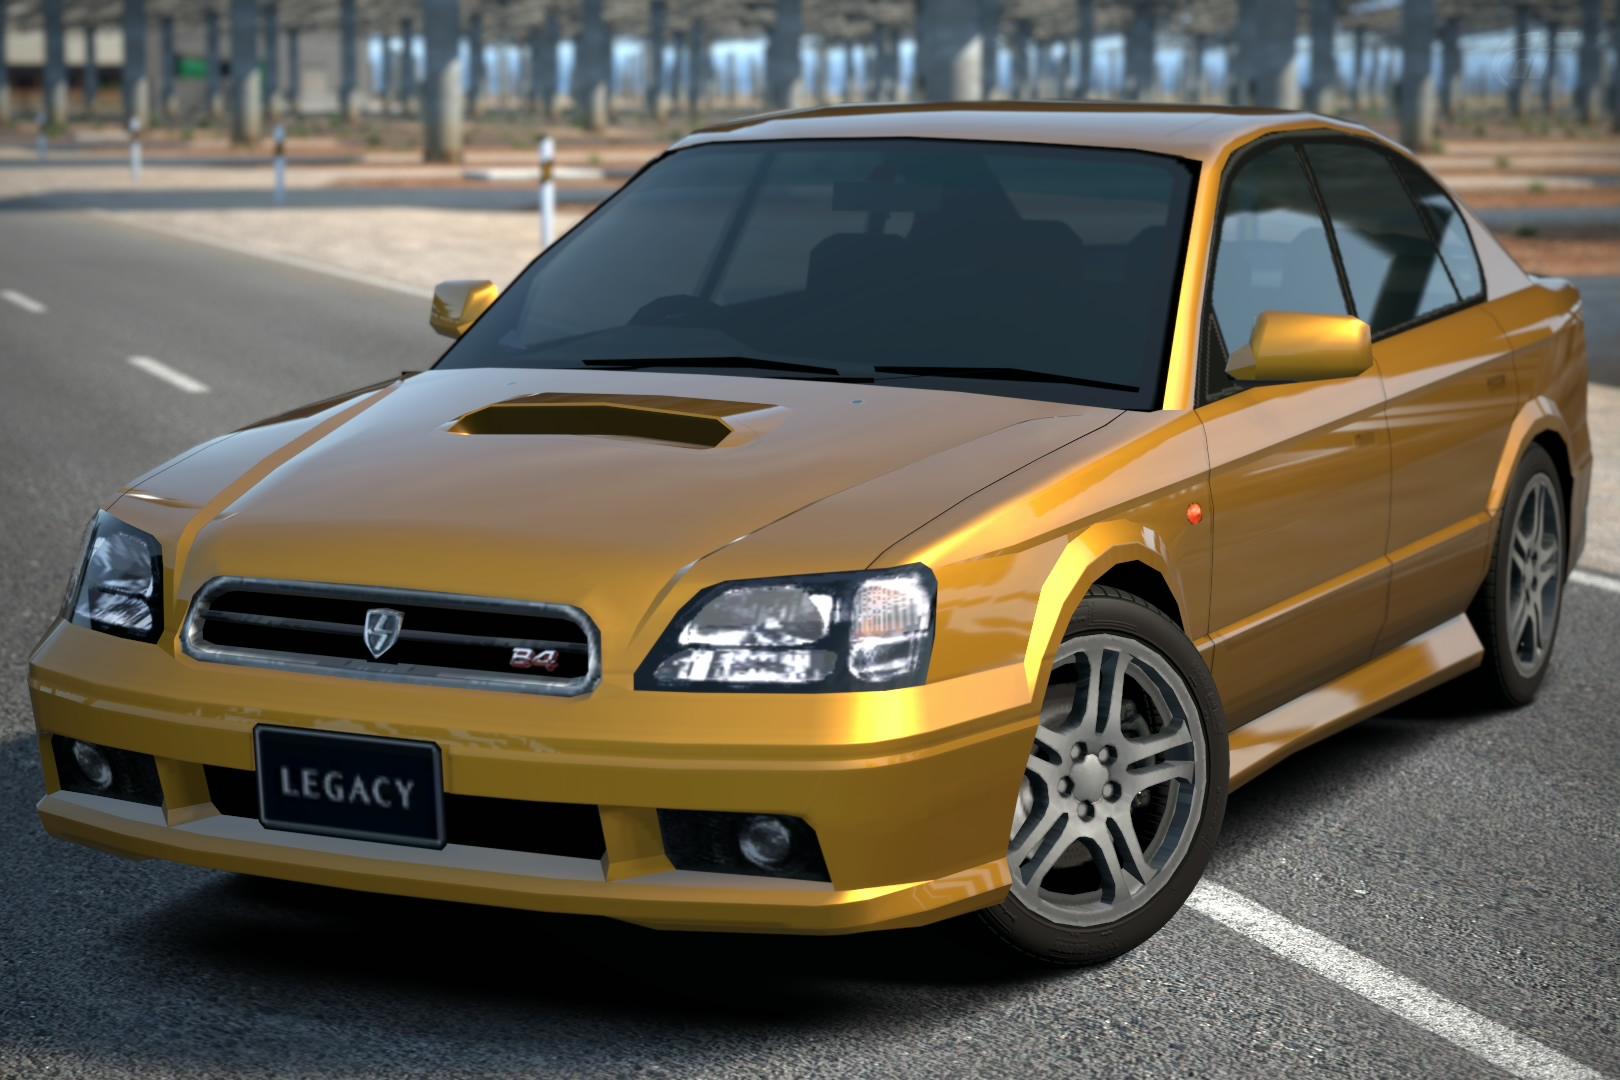 Subaru Legacy B4 Rsk 98 Gran Turismo Wiki Fandom Powered By Wikia